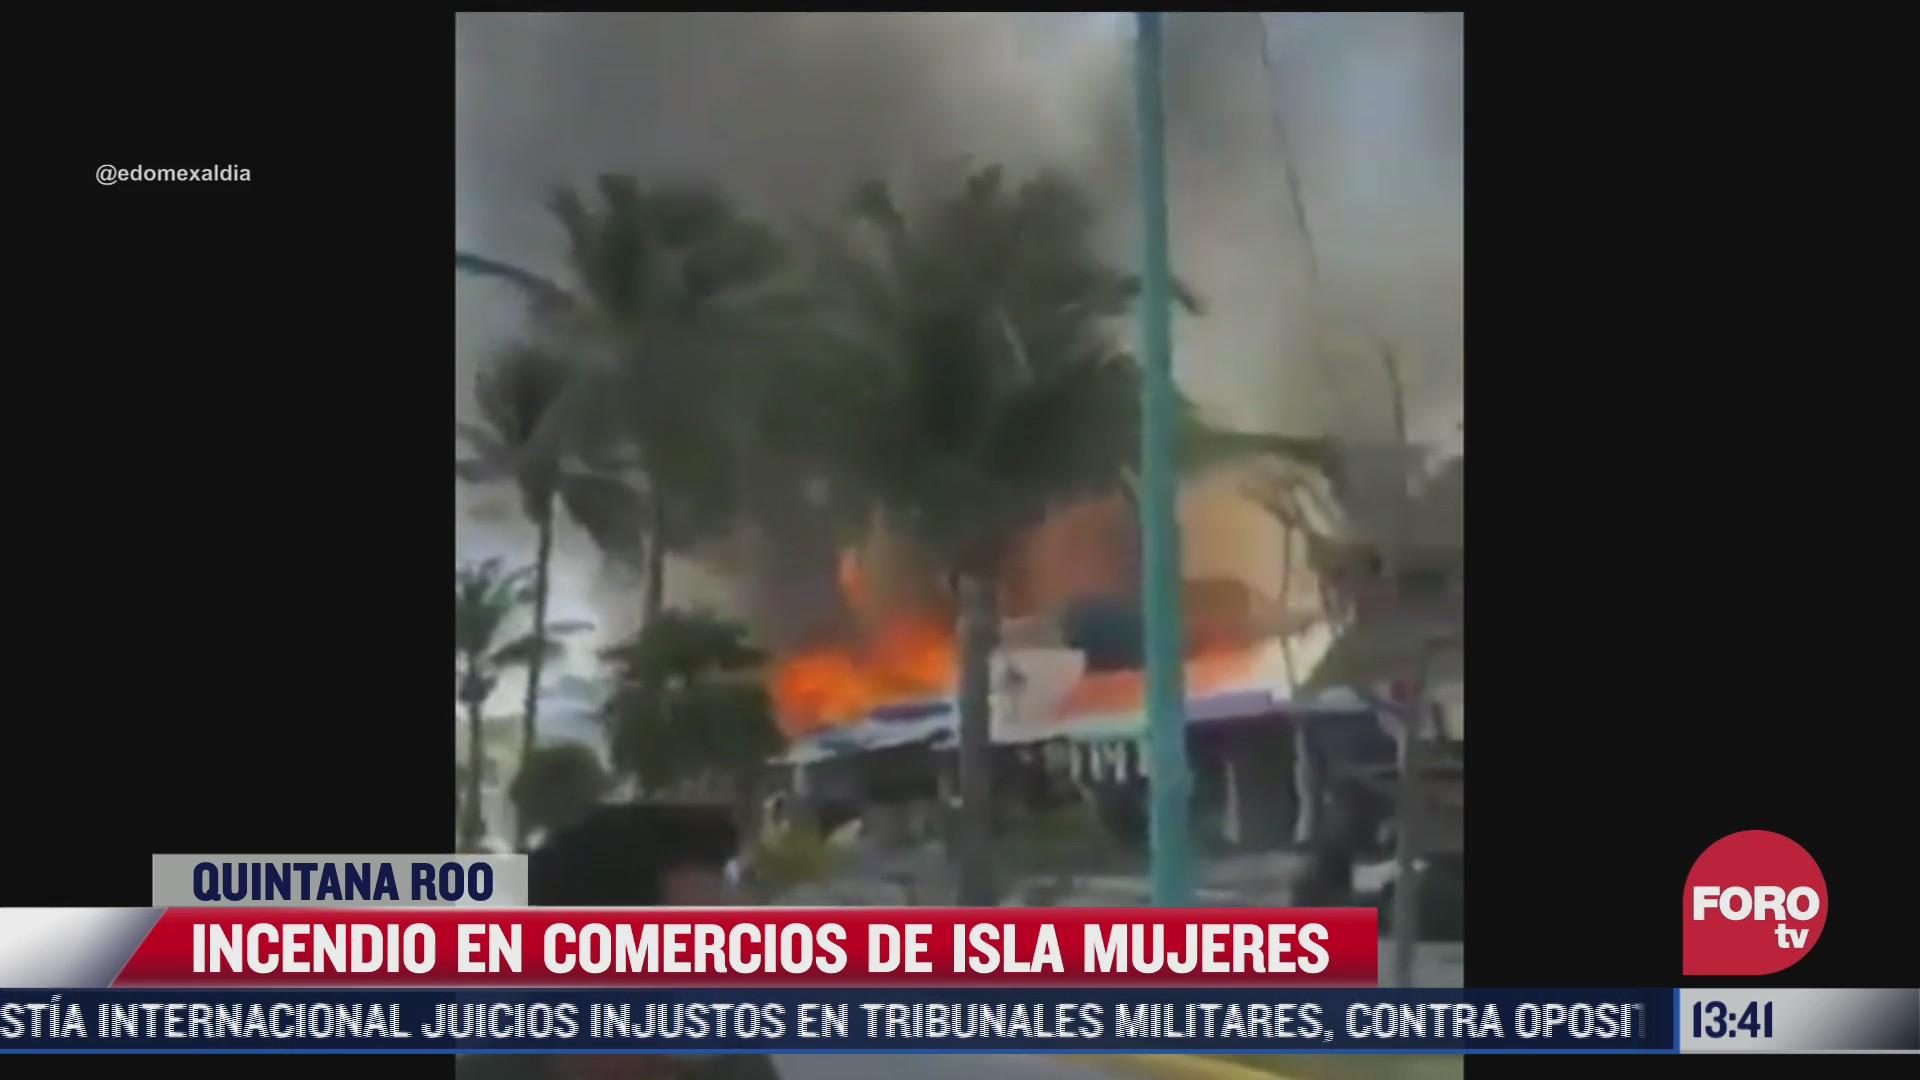 incendio en comercios de isla mujeres en quintana roo